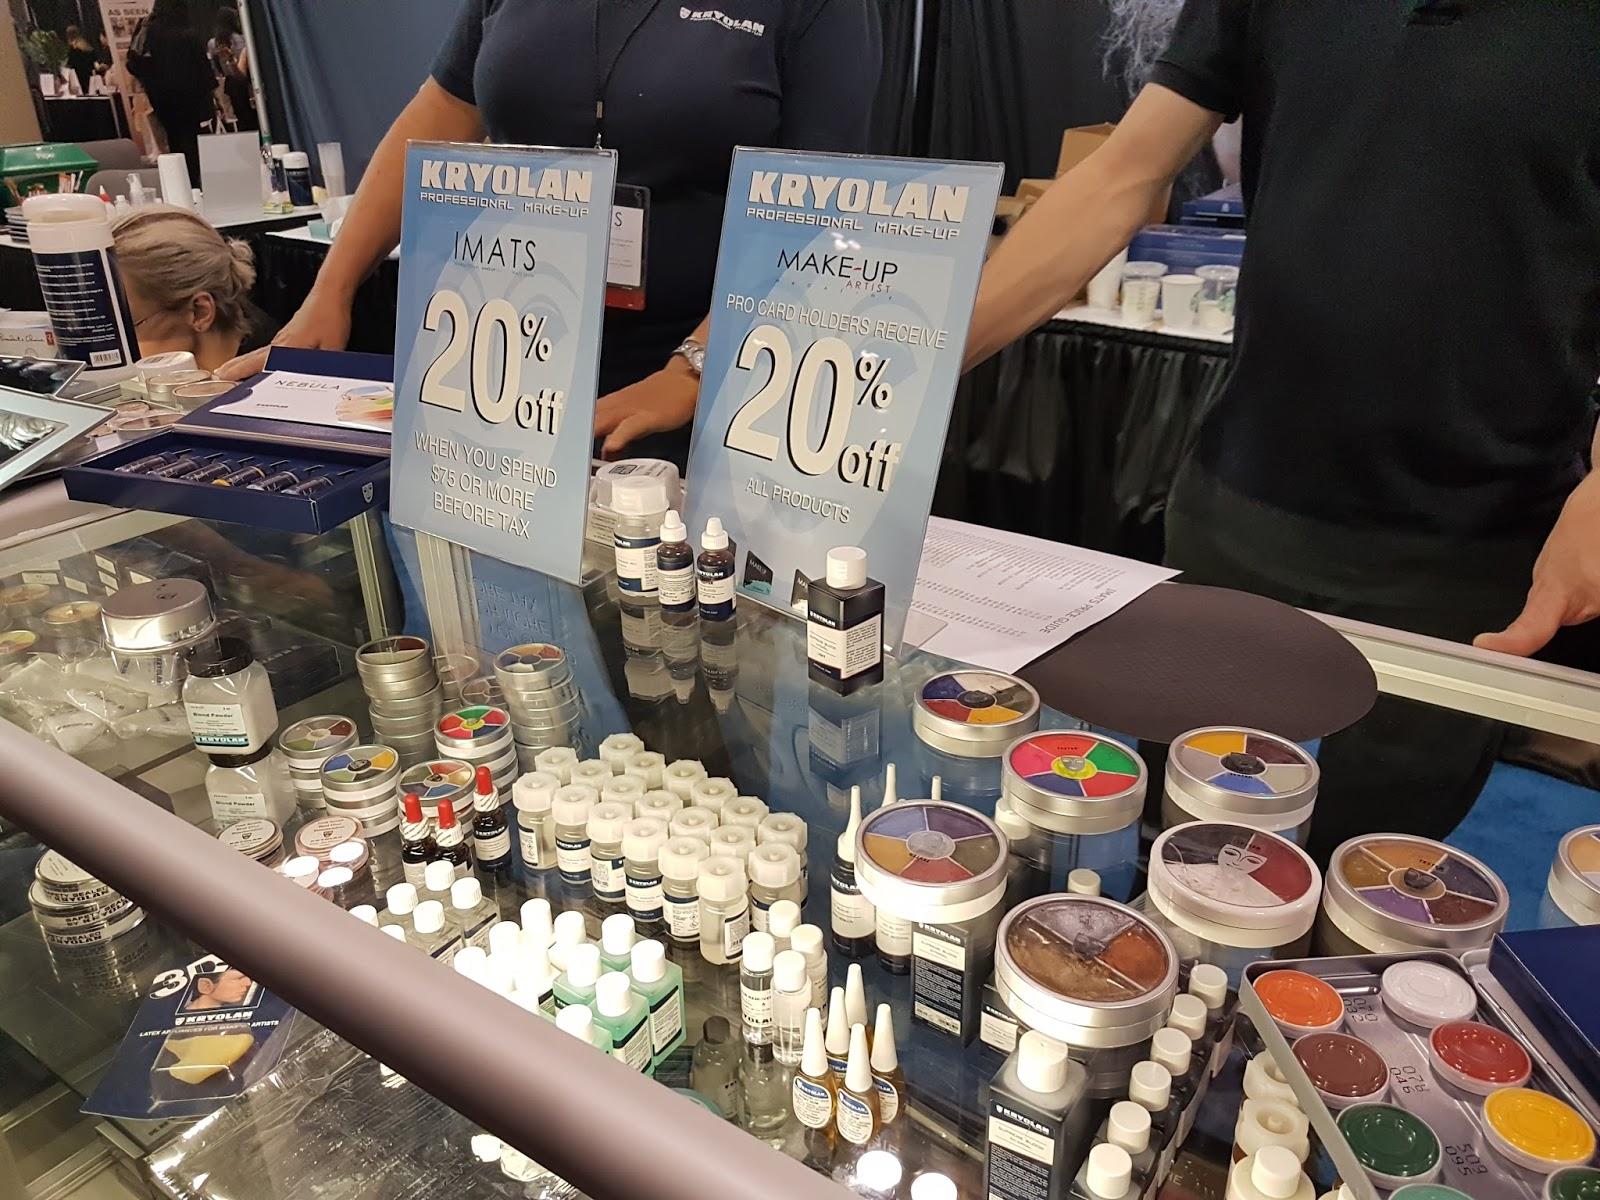 imats toronto prices discount